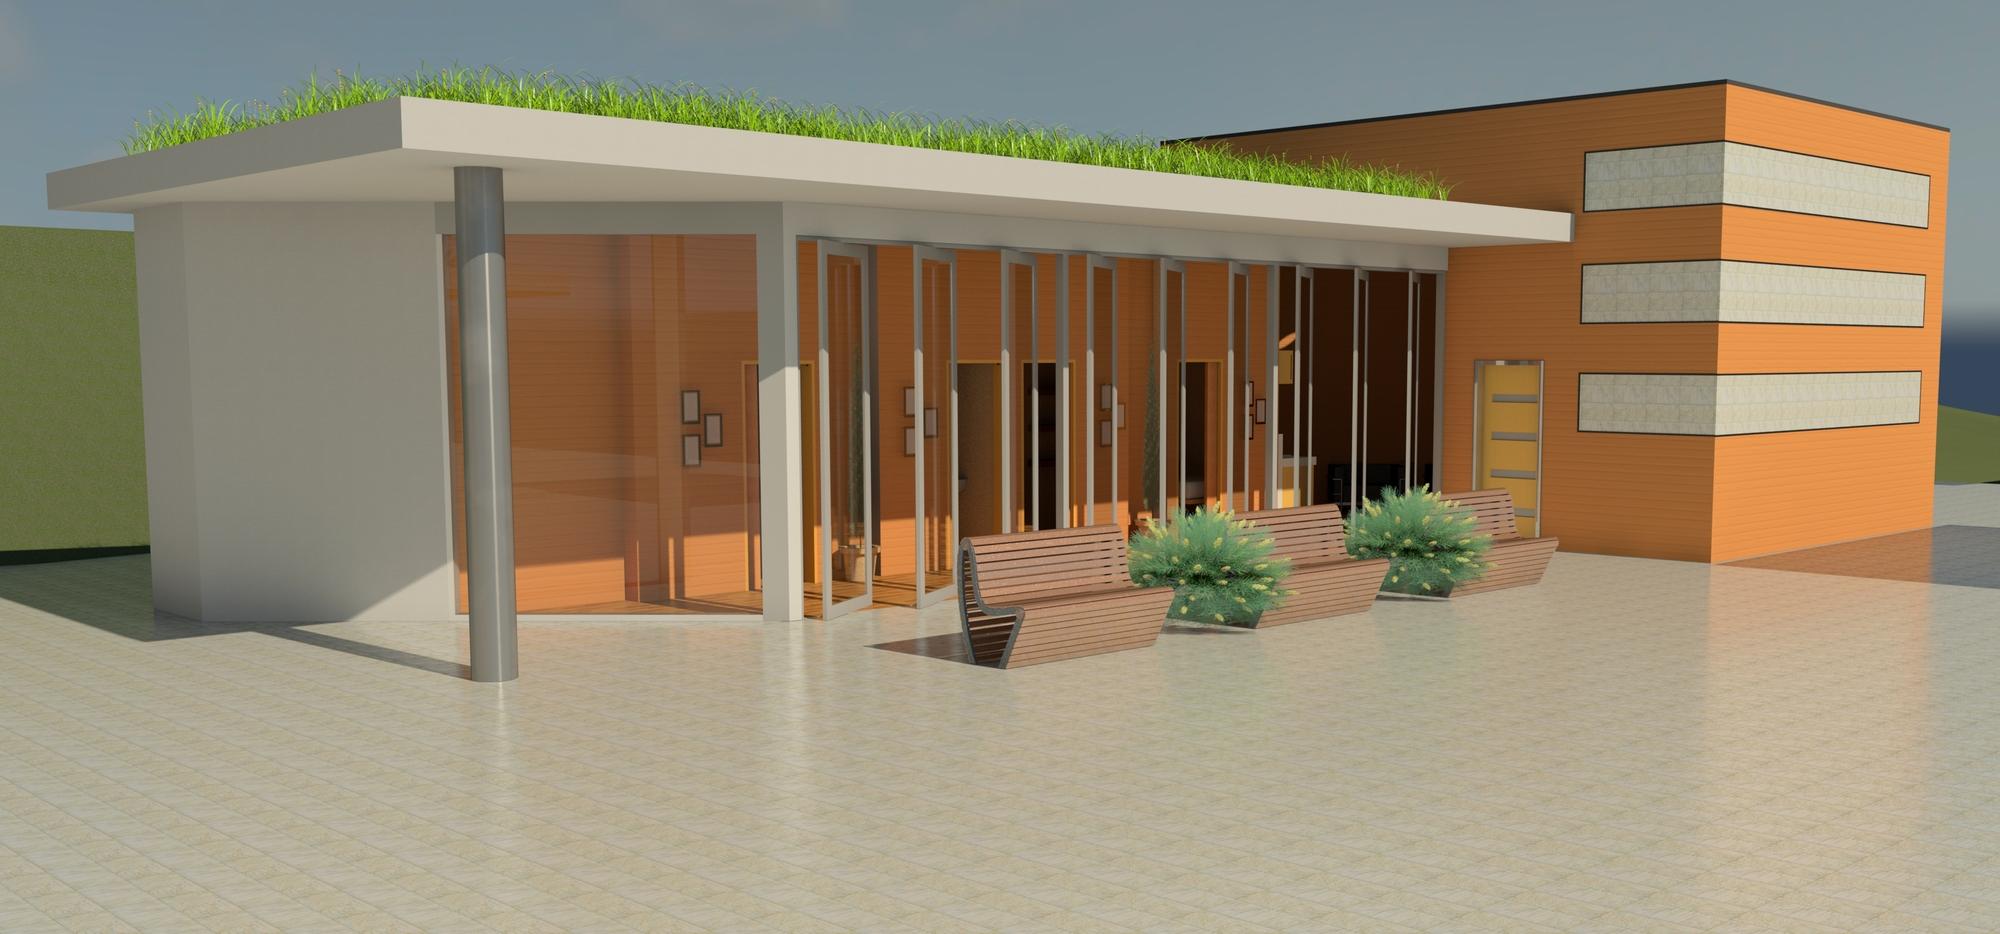 Raas-rendering20141218-6218-1stqbd7